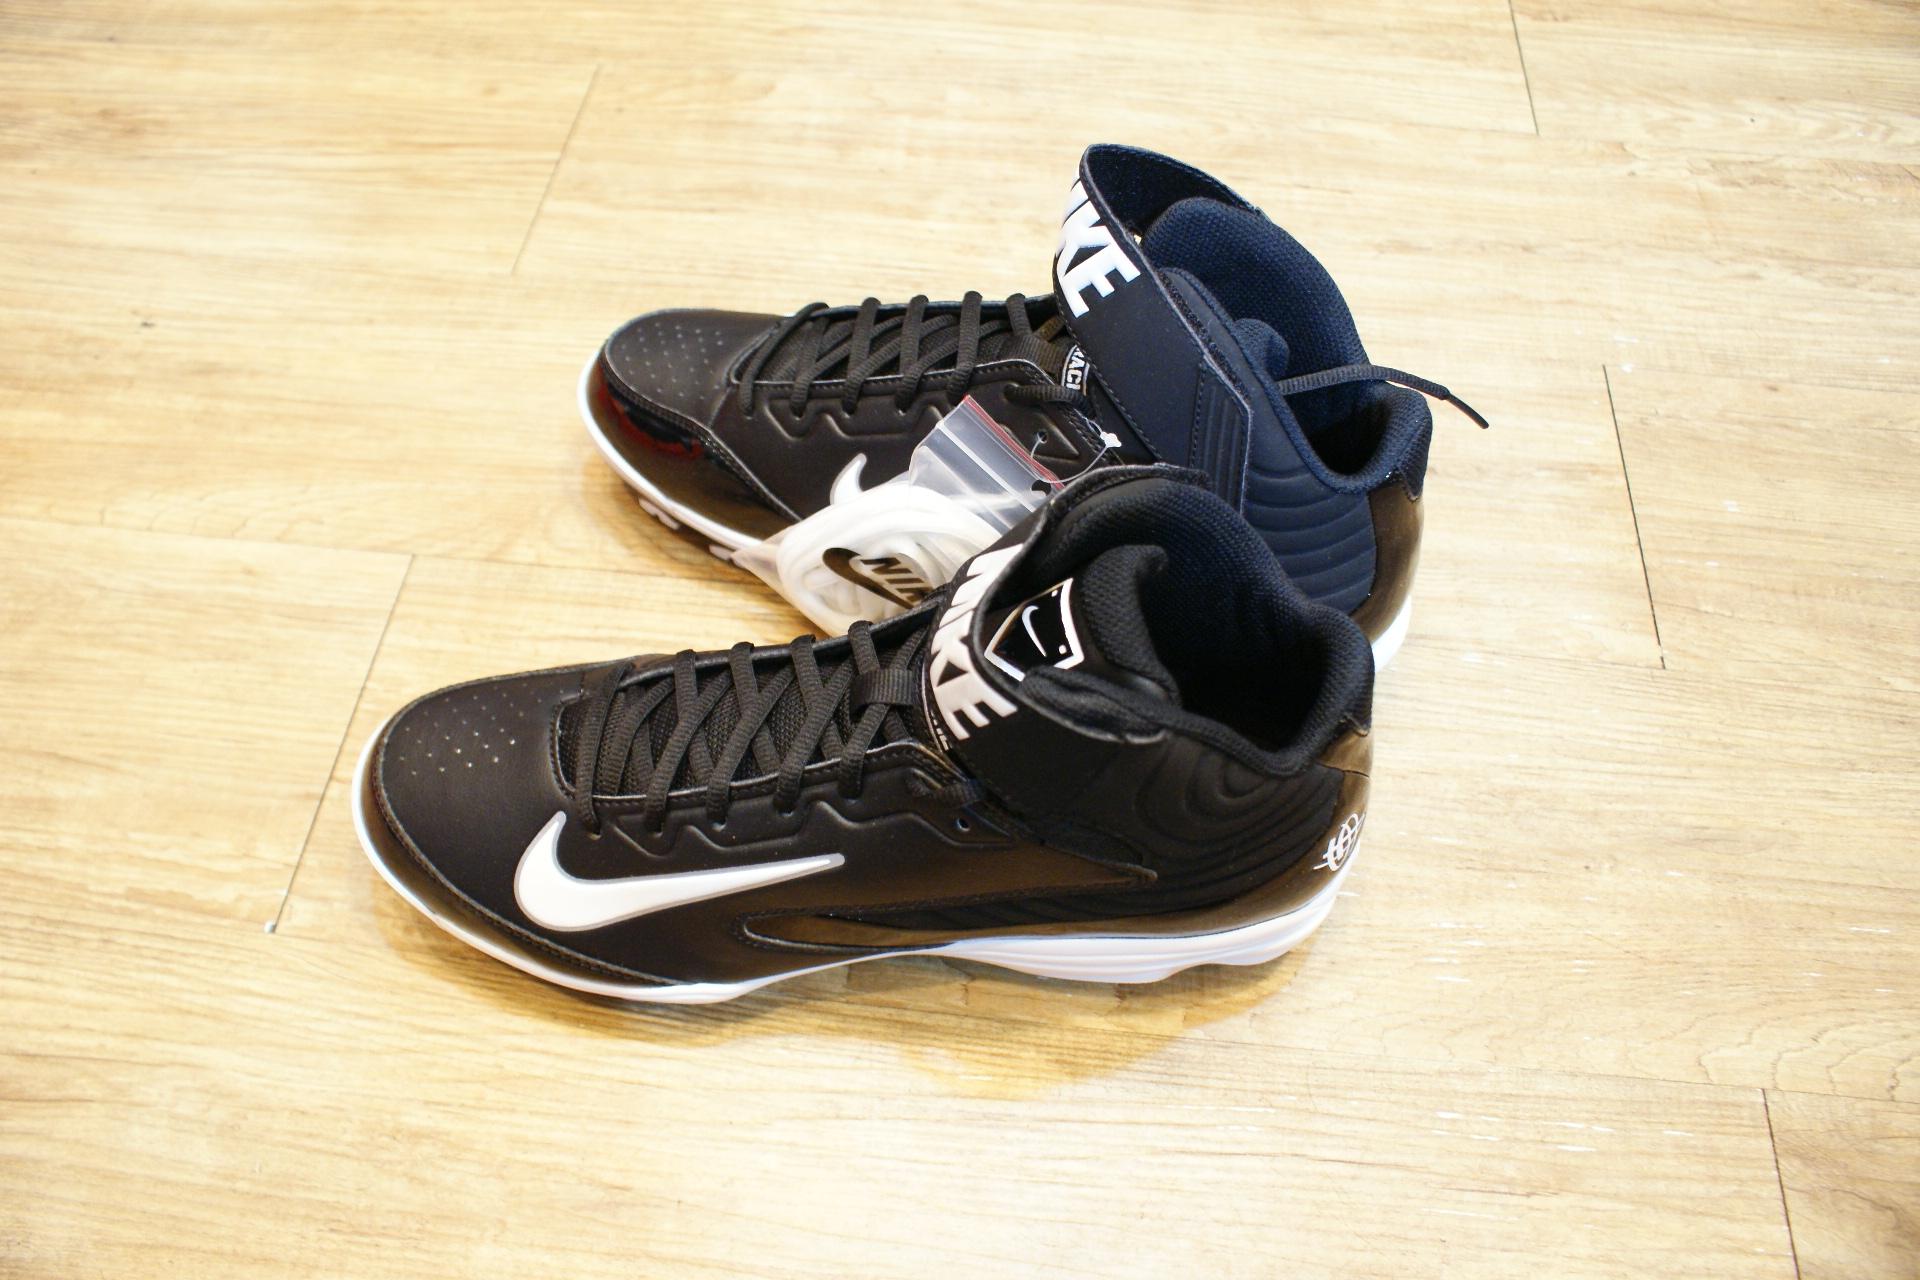 棒球世界 13年 全新NIKE STRIKE MCS 棒壘球專用膠釘鞋 特價 高統黑底